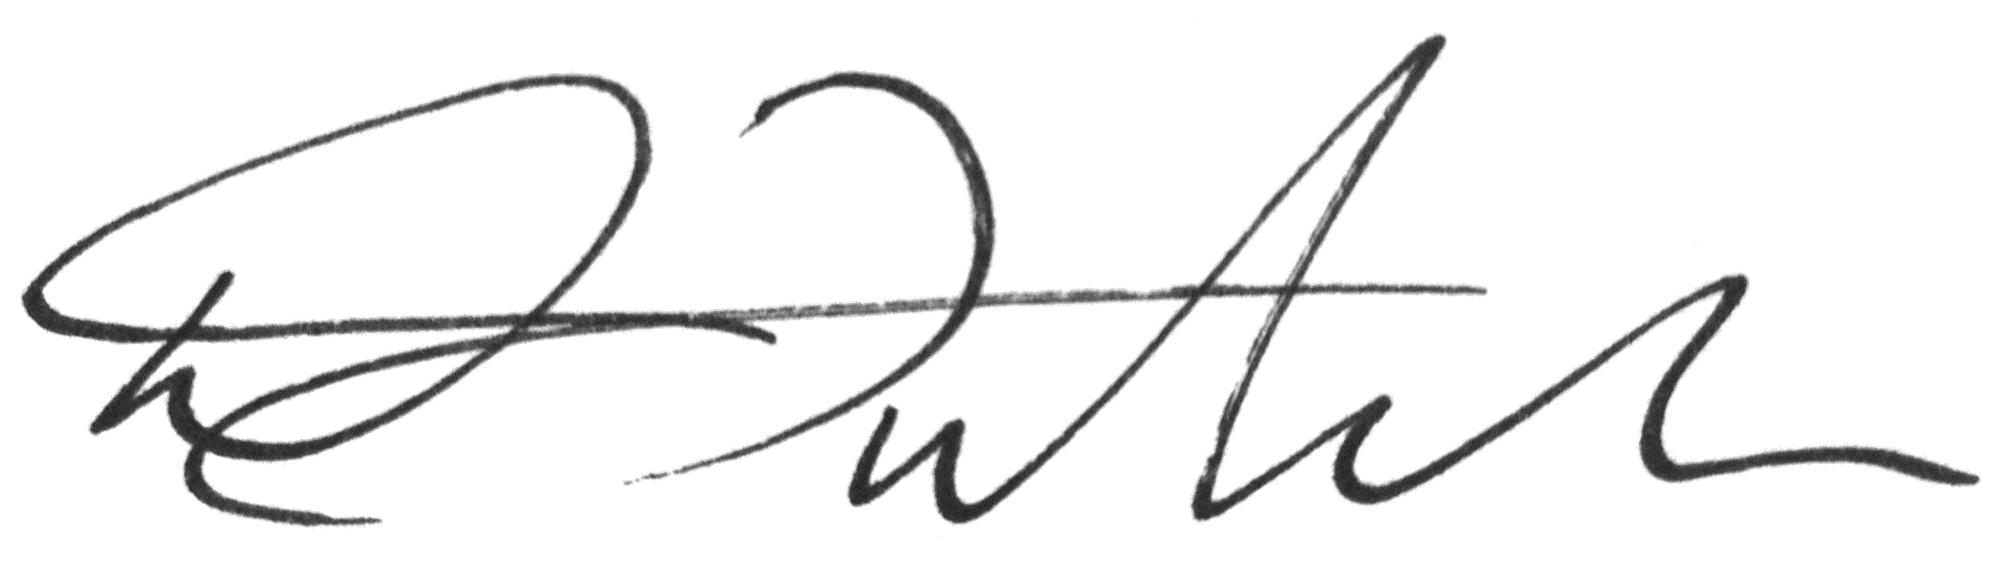 Signature-alpha.png